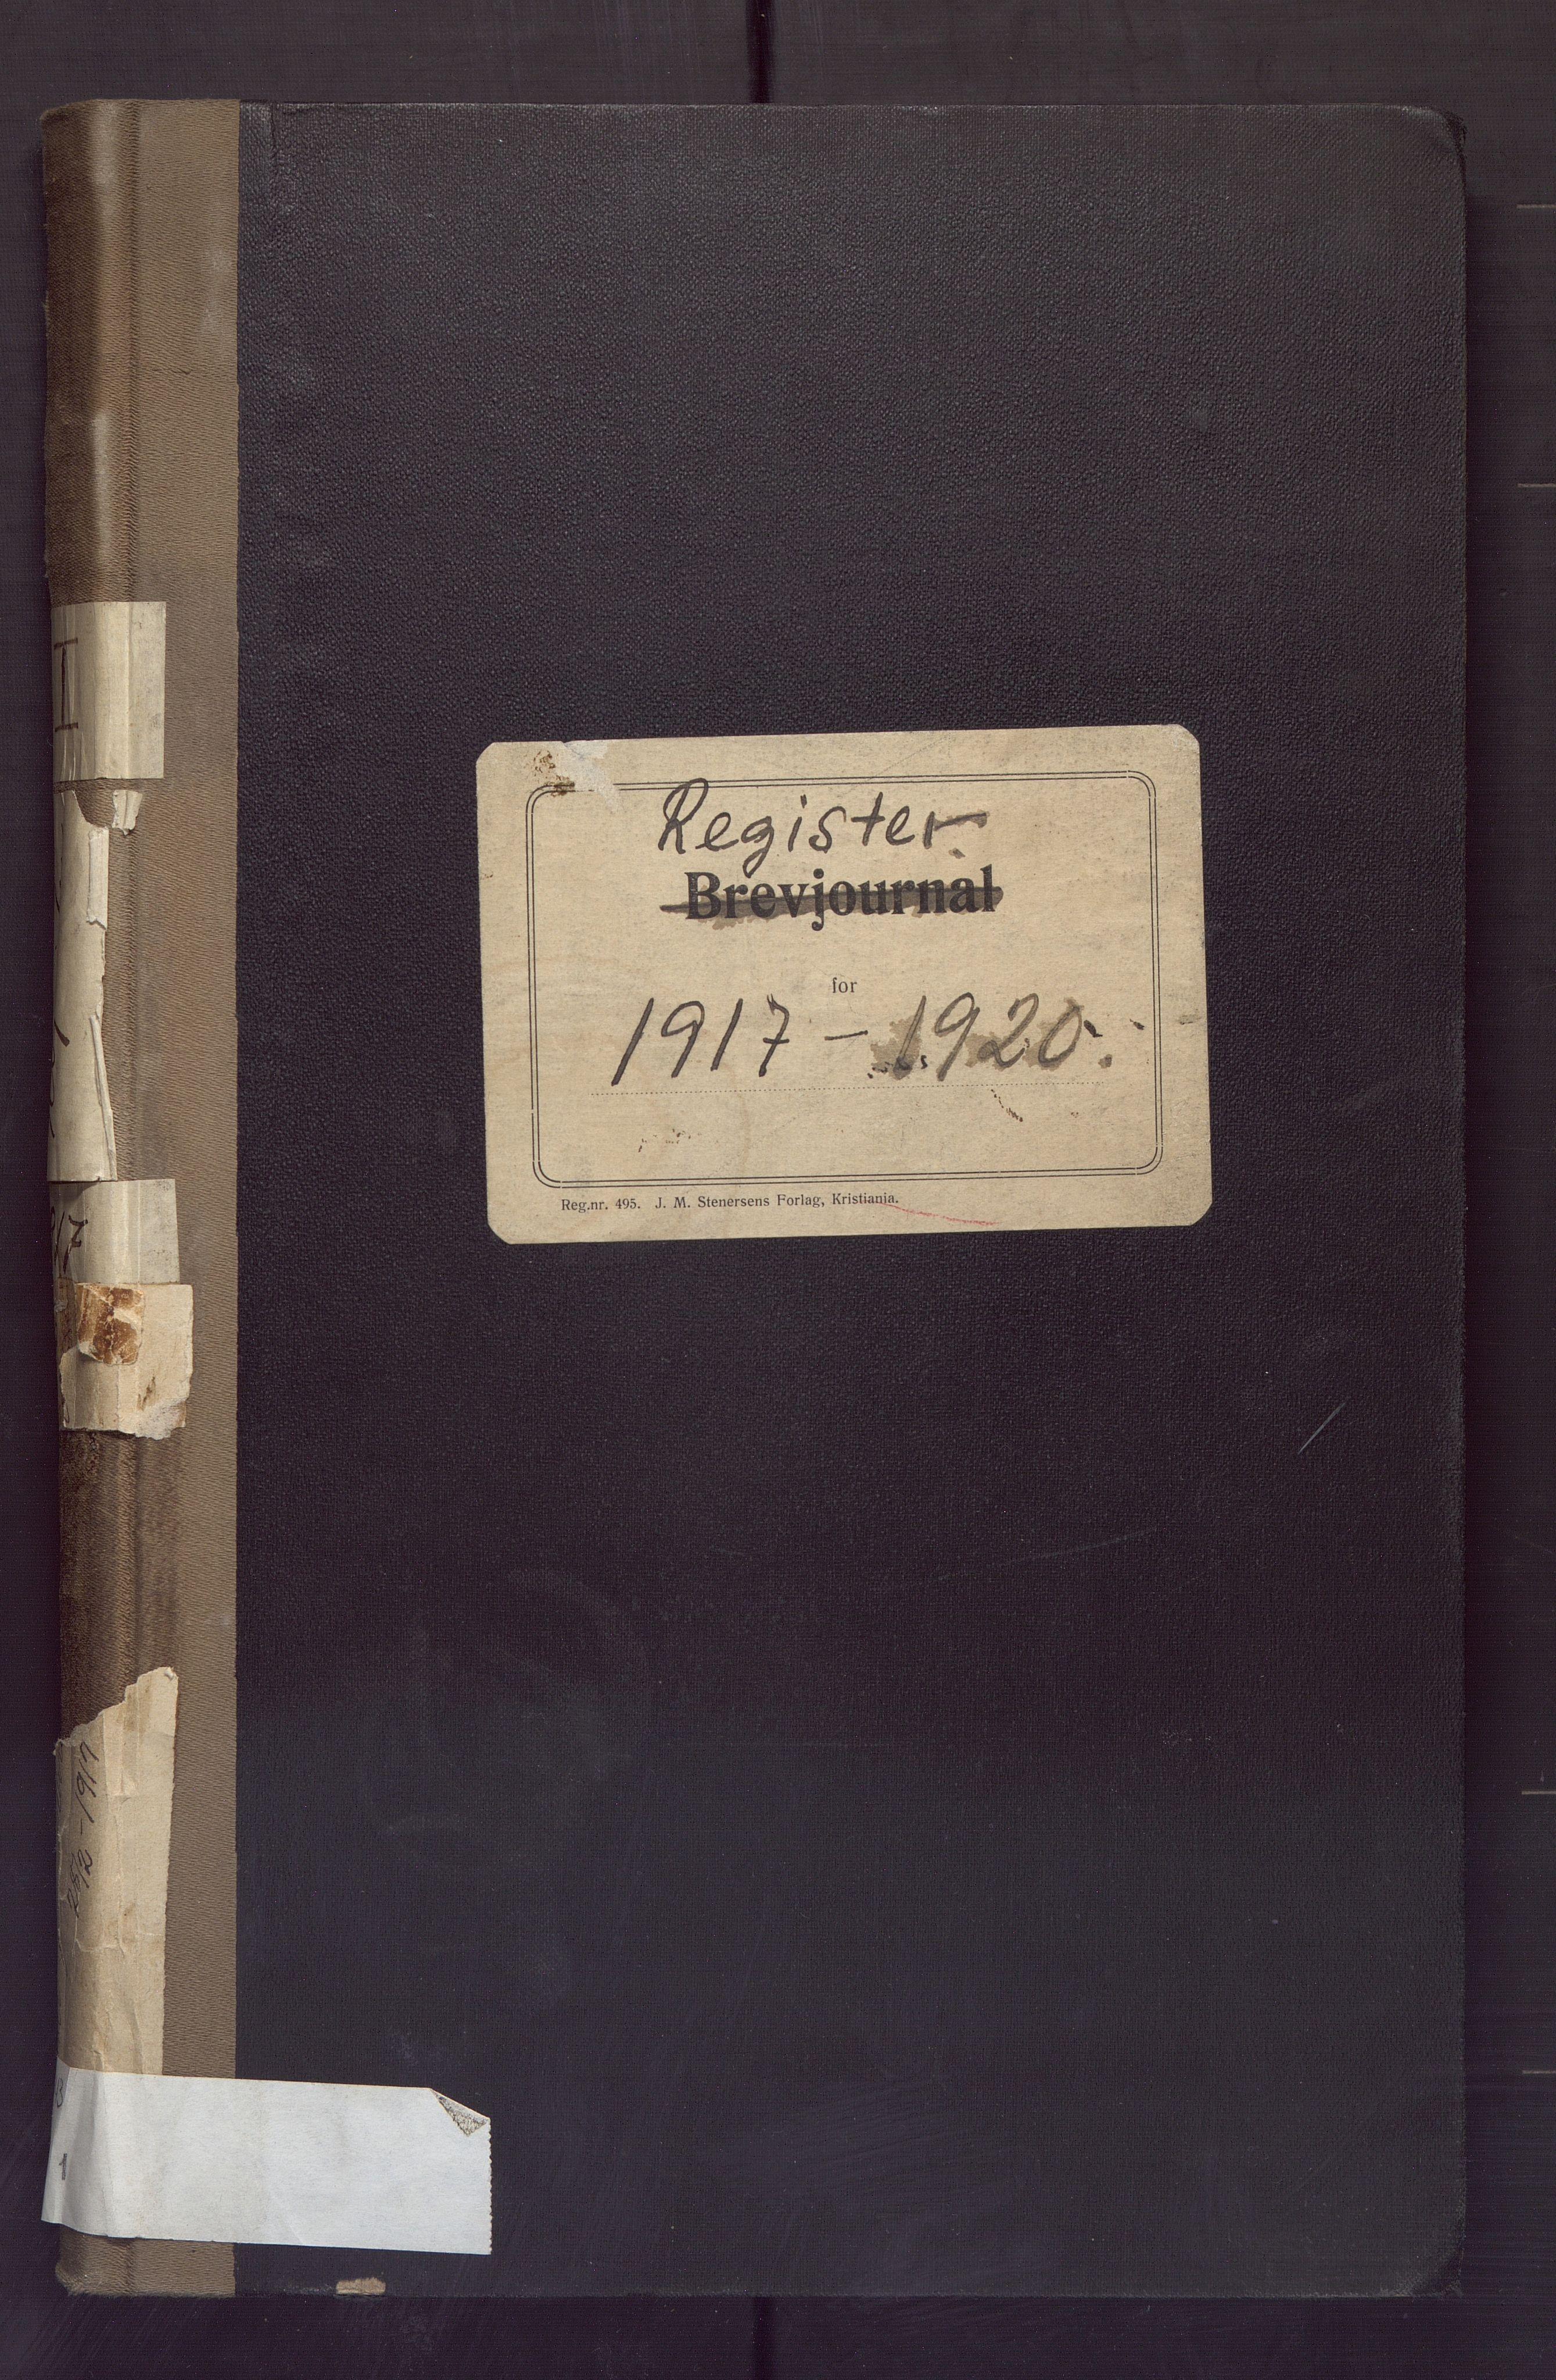 BBA, Laksevåg kommune. Formannskapet, Aa/L0001: Register, 1917-1920